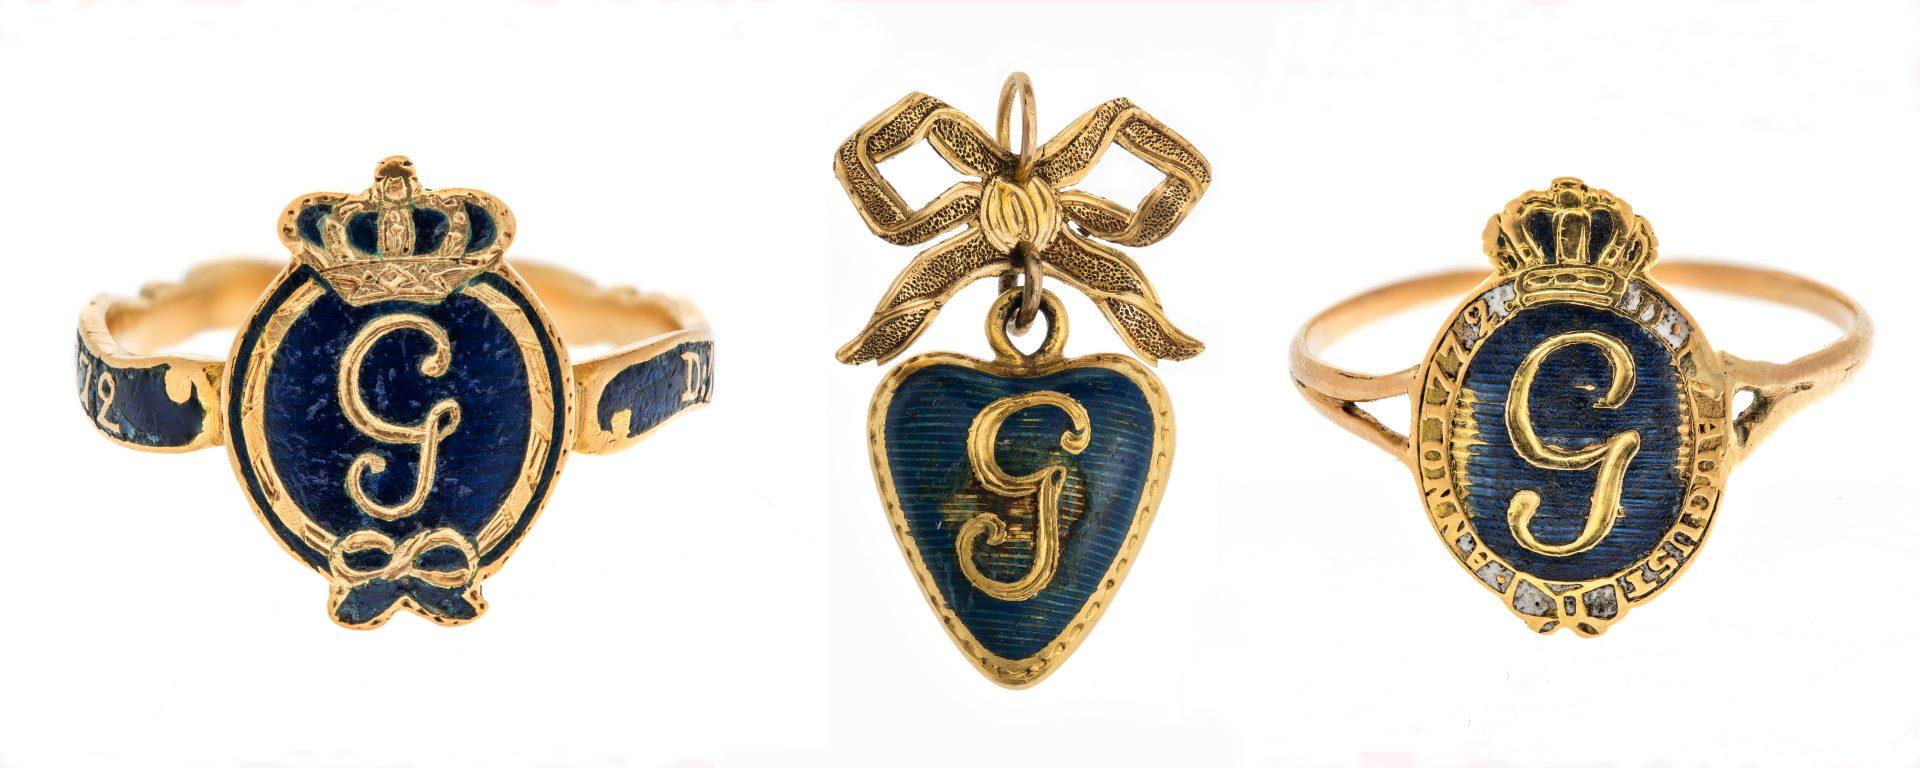 Två guldringar och ett hjärtformat hänge med kung Gustav III:s namnchiffer.